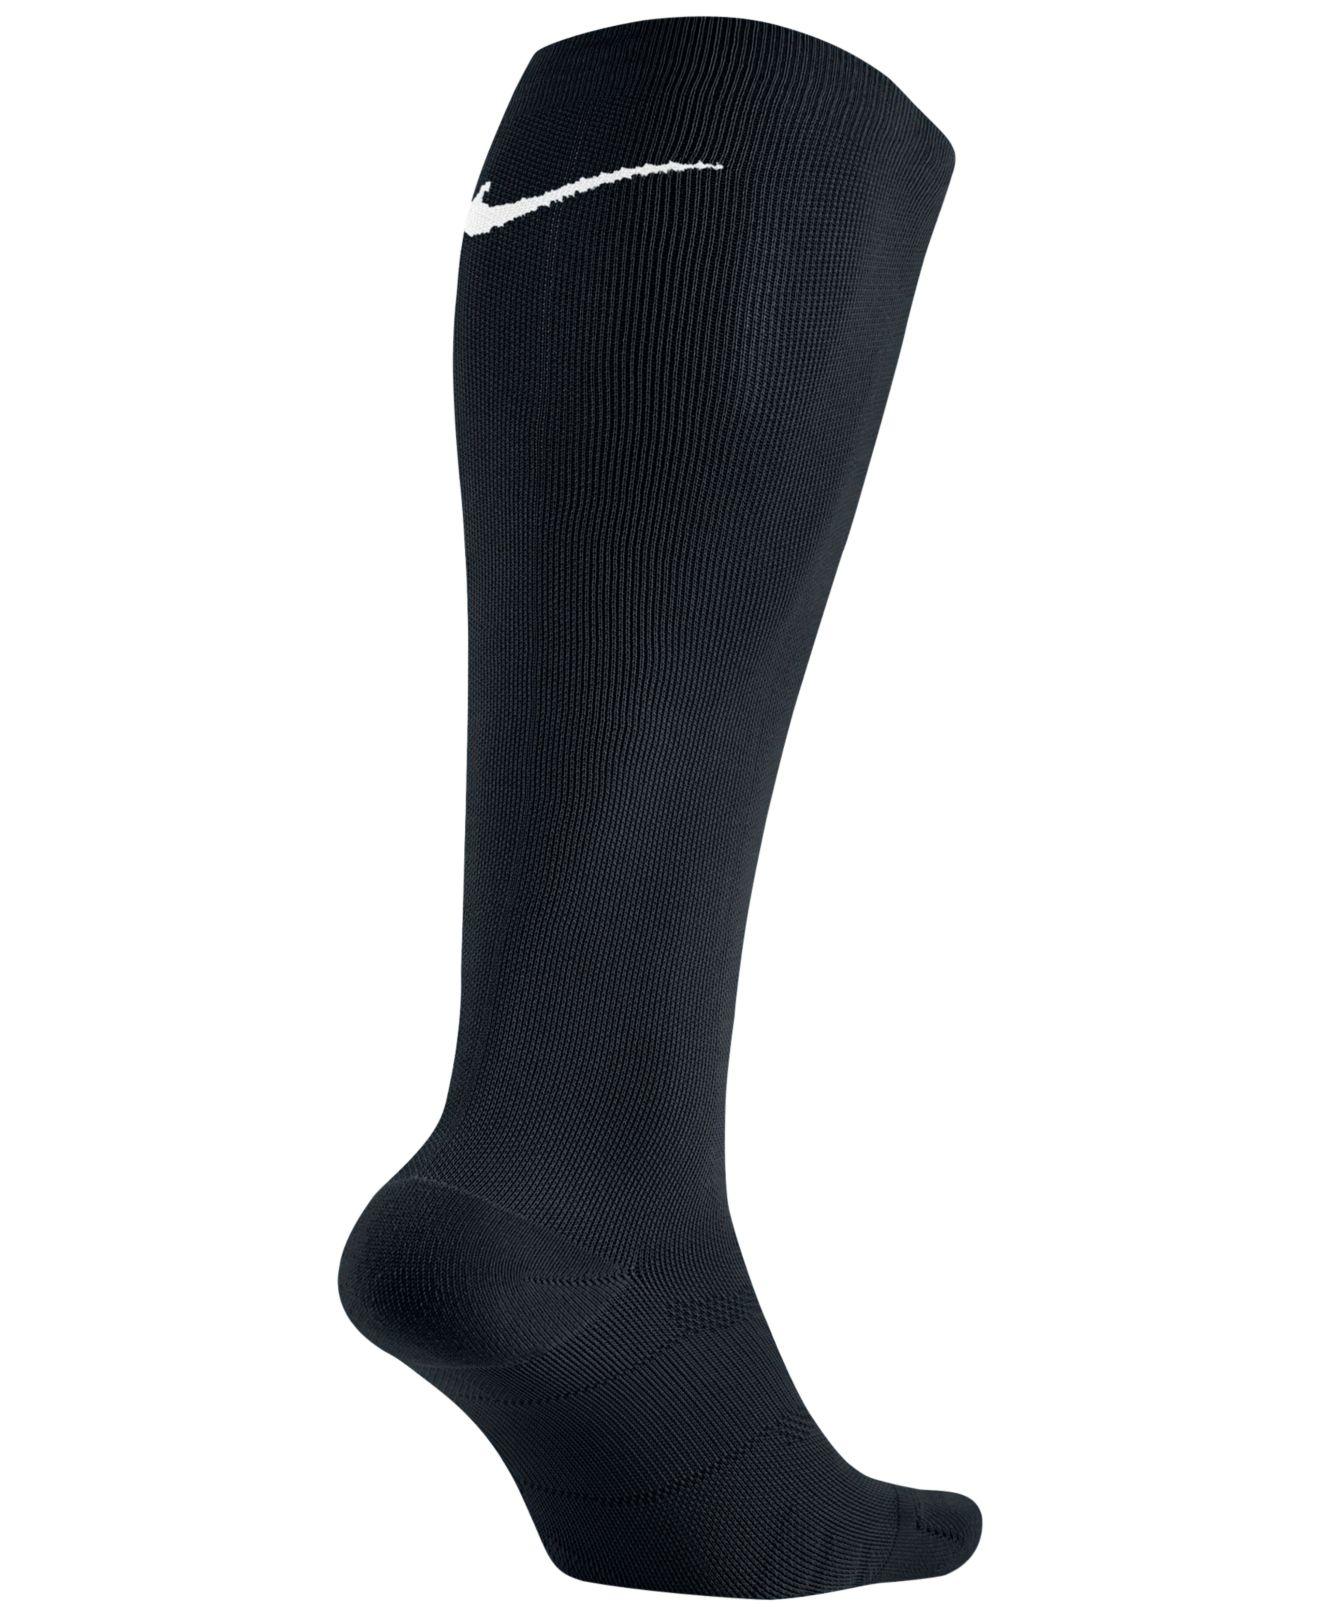 1abdb08a3 Nike Elite High-intensity Dri-fit Crew Socks in Black - Lyst